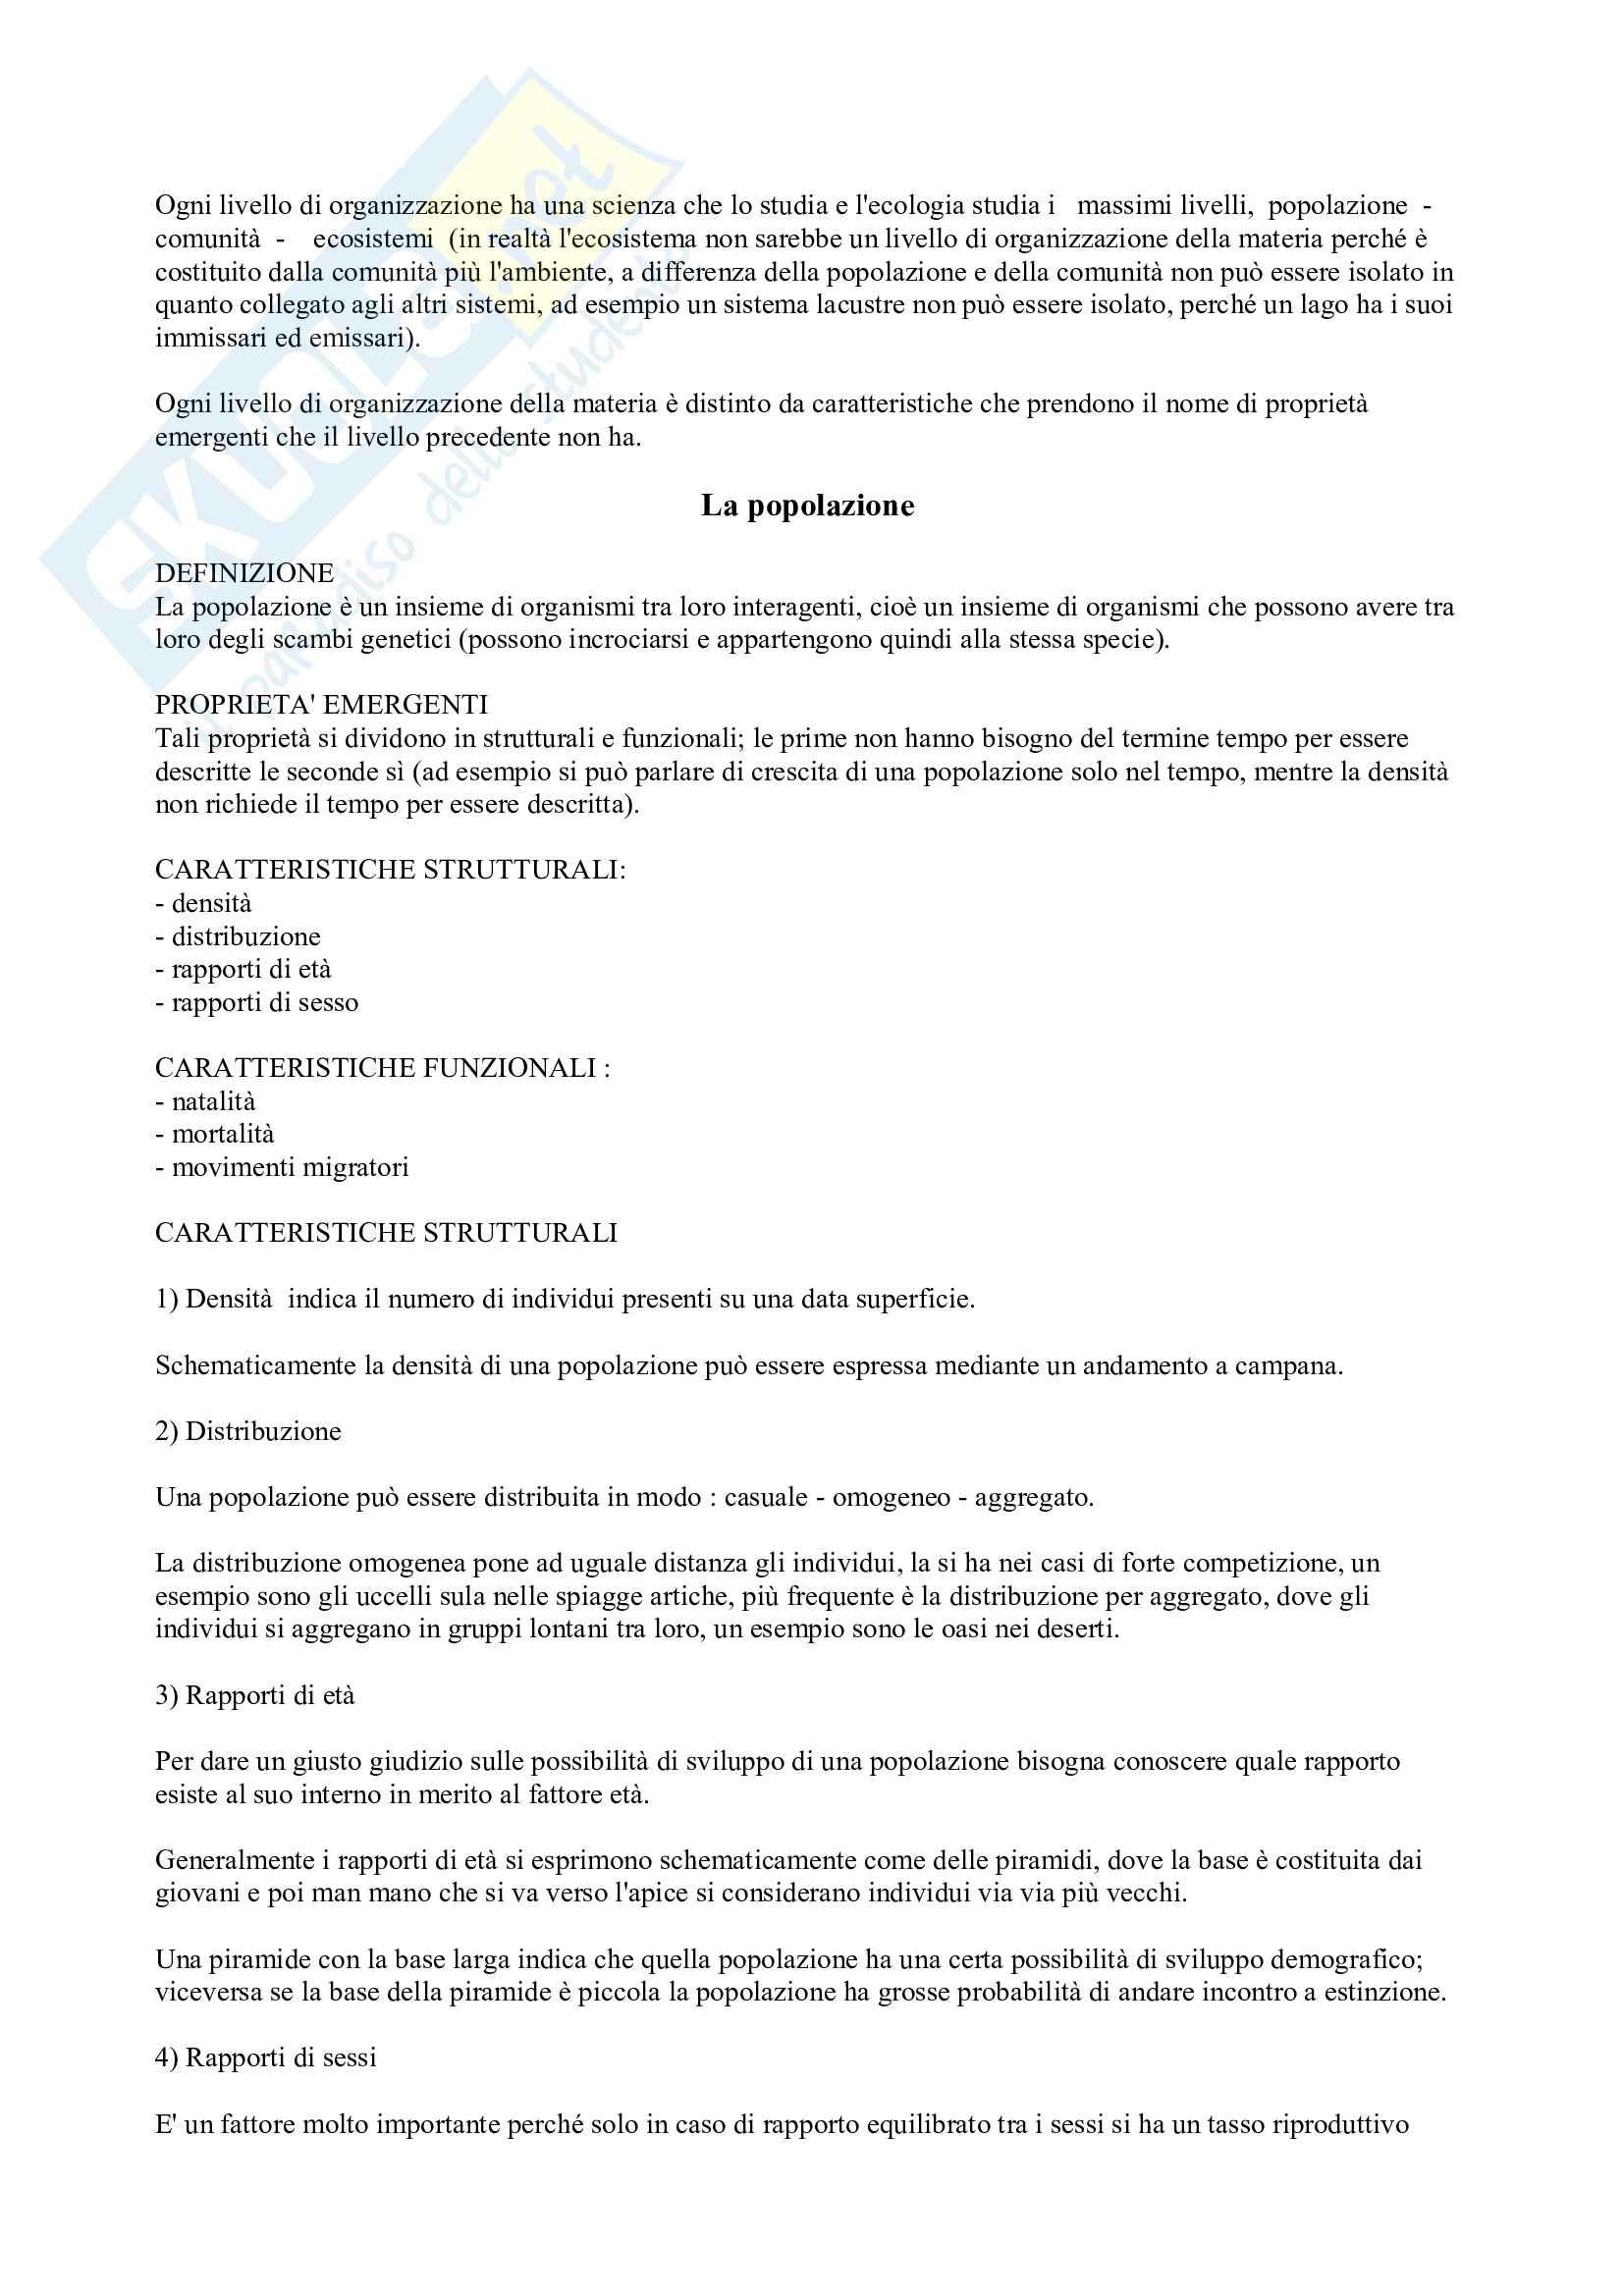 Ecologia - Principi Pag. 2